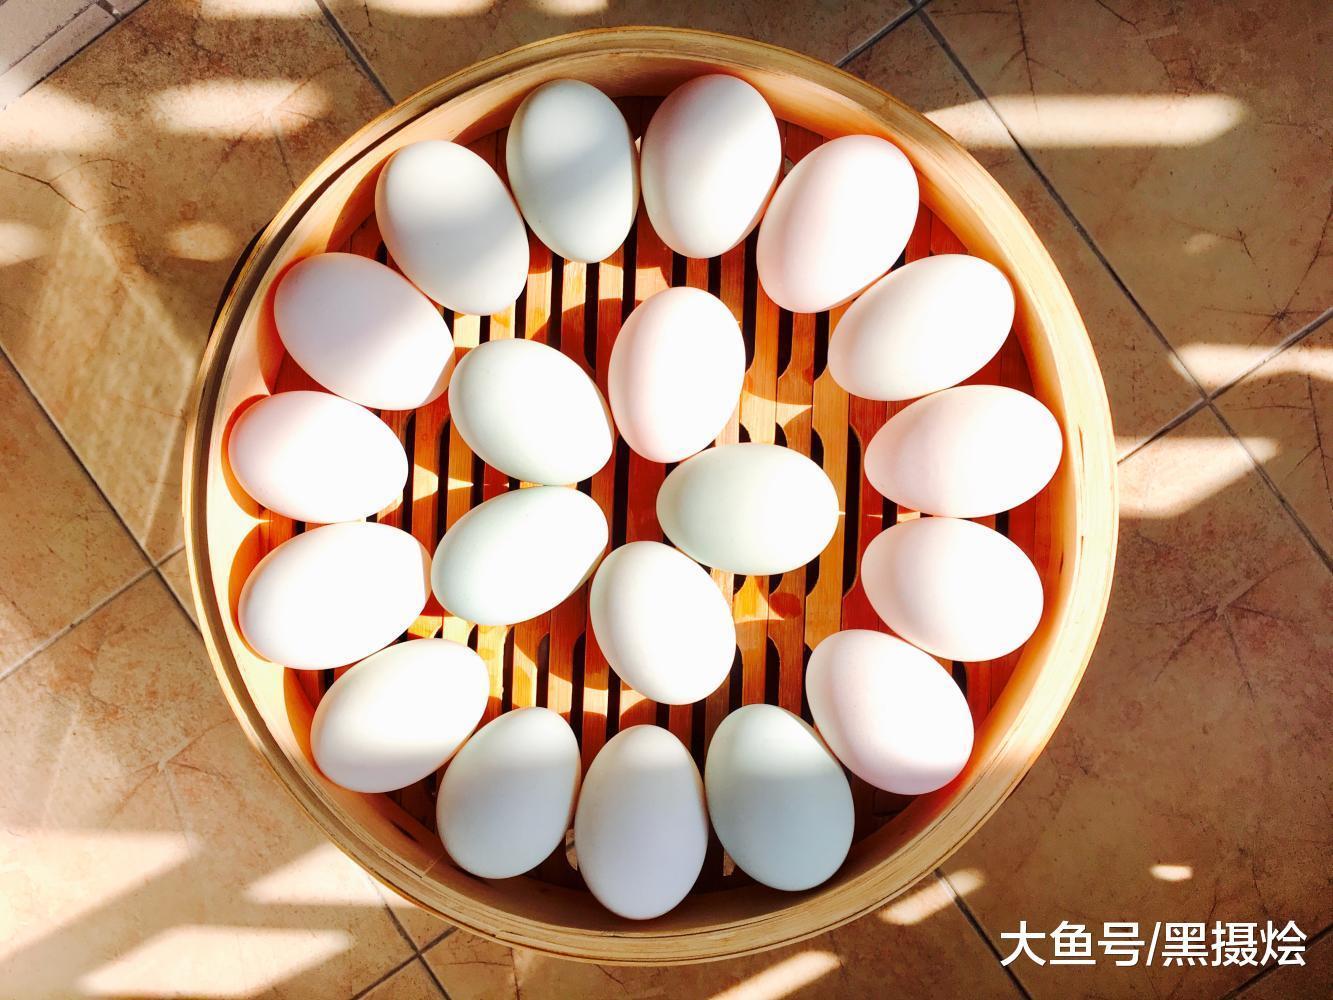 用时间泡出的鲜香蛋黄油, 在家中自己腌制咸鸭蛋